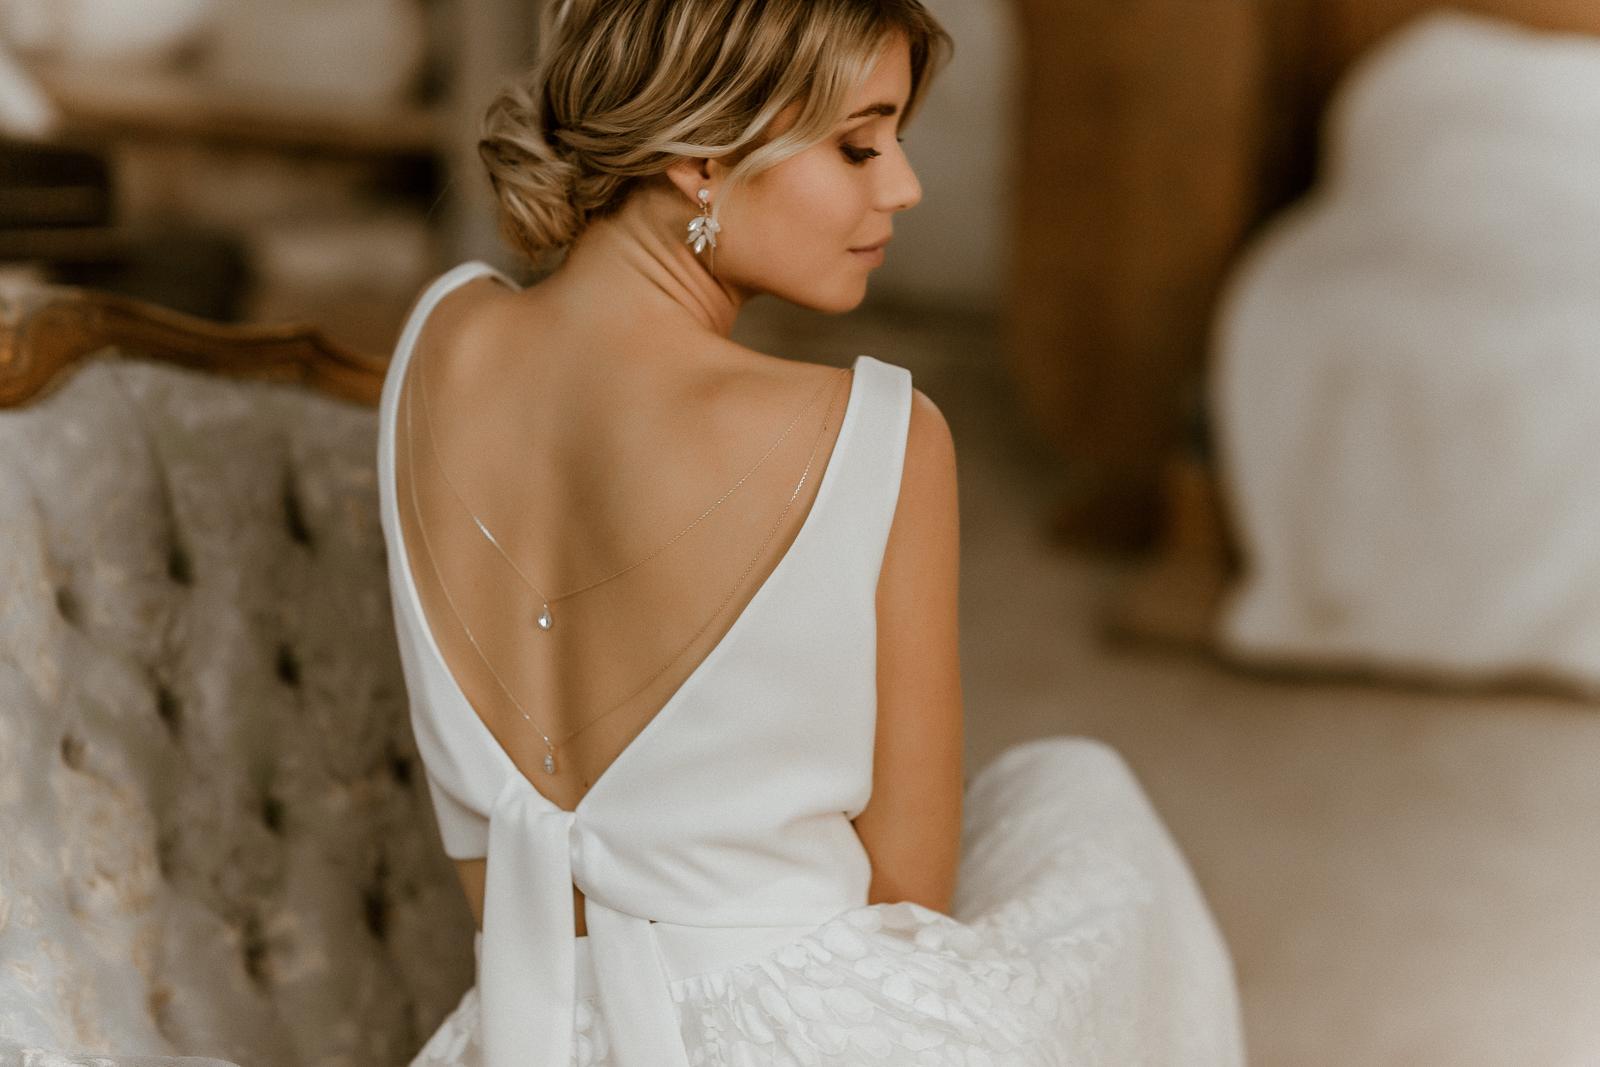 noni Jubiläumskollektion | Ärmelloses Brauttop in Ivory mit Rückenausschnitt und Rückenkette, dazu Tüllrock, Rückenansicht (Foto: Le Hai Linh)